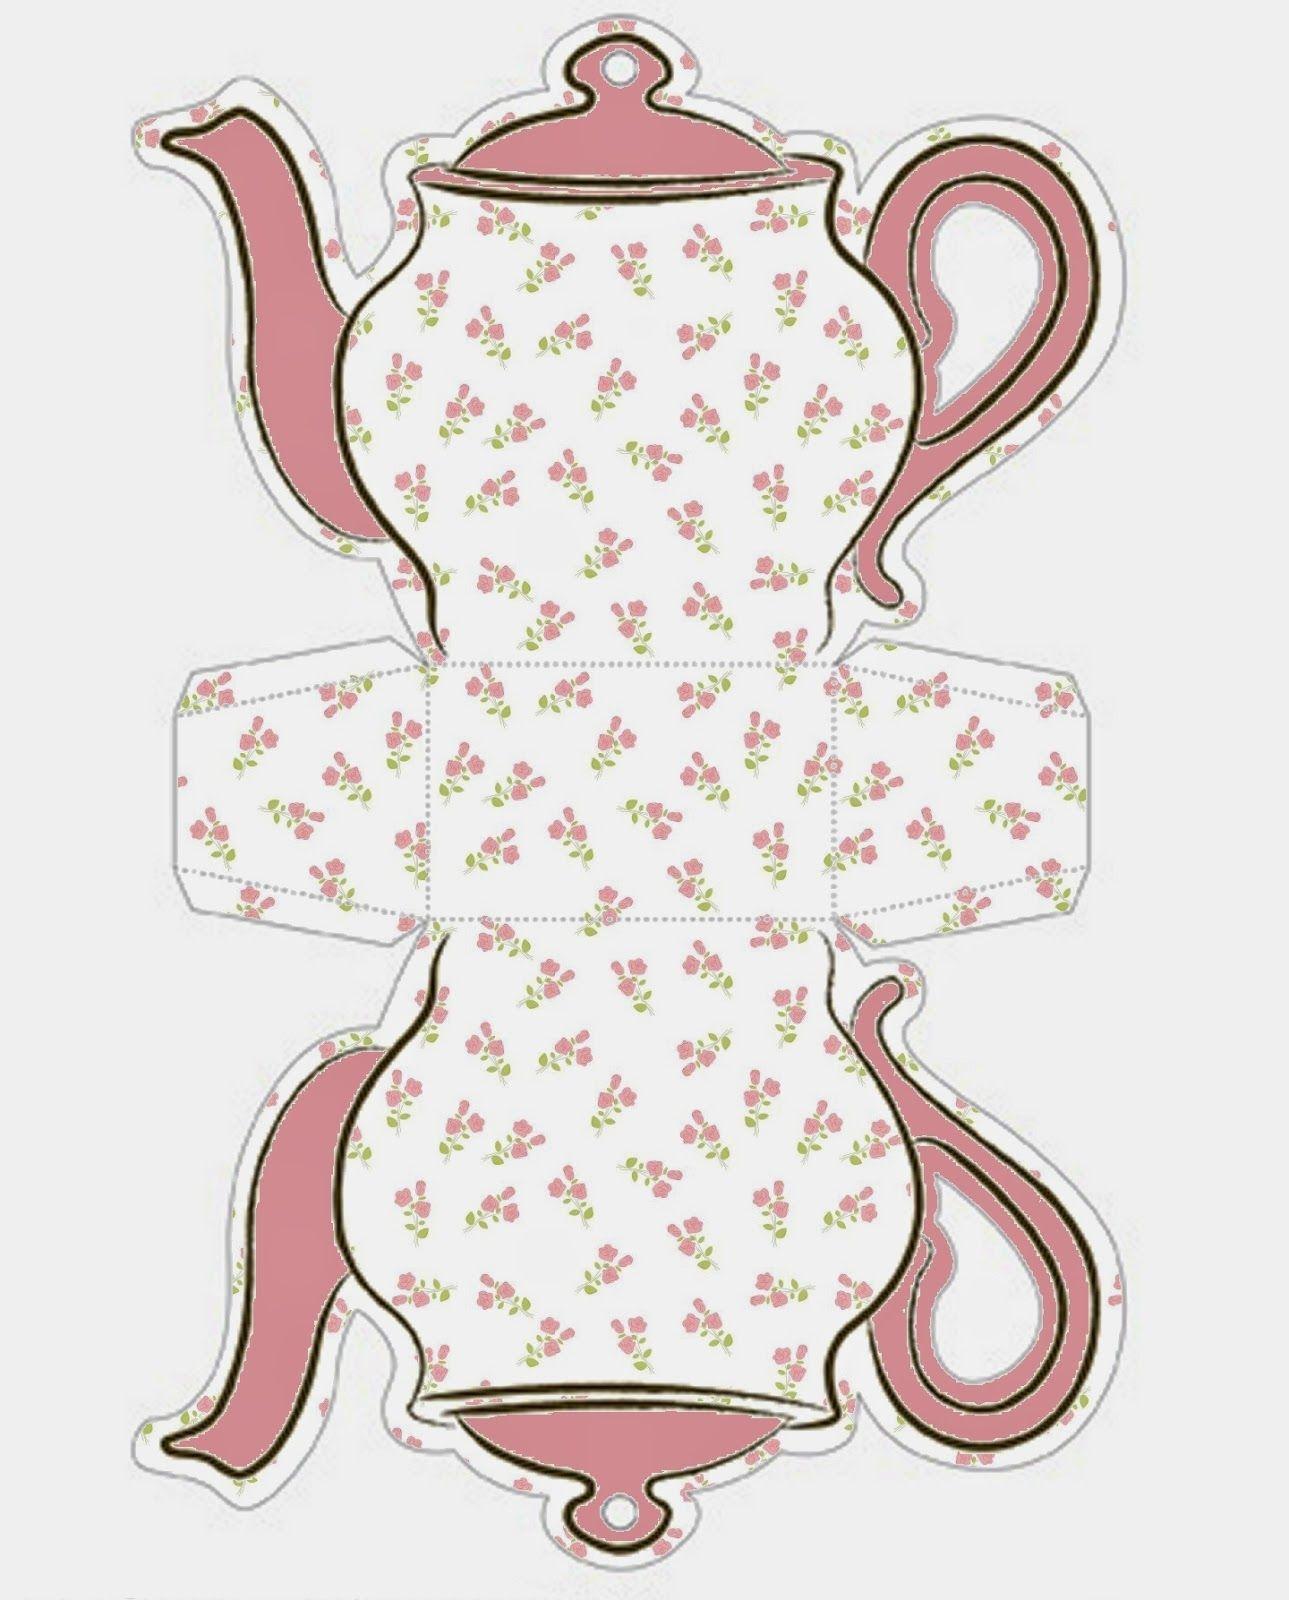 Free Printable Teapot Gift Box Templates | I Love Free | Box - Gift Box Templates Free Printable